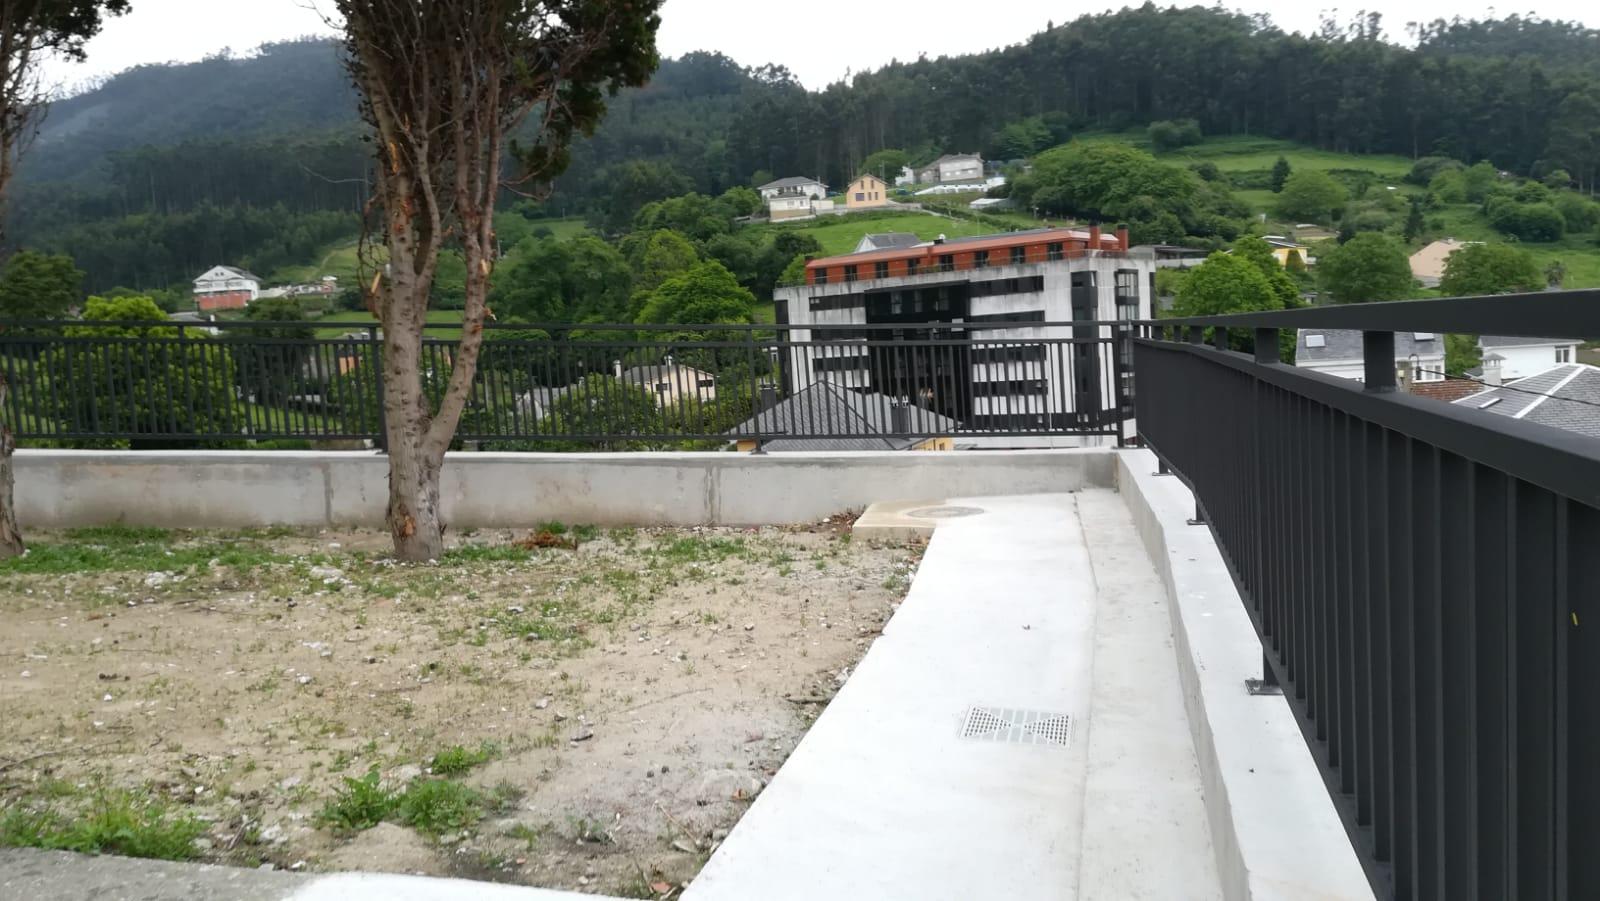 Rematan as obras do muro do cemiterio municipal de Altamira de Viveiro